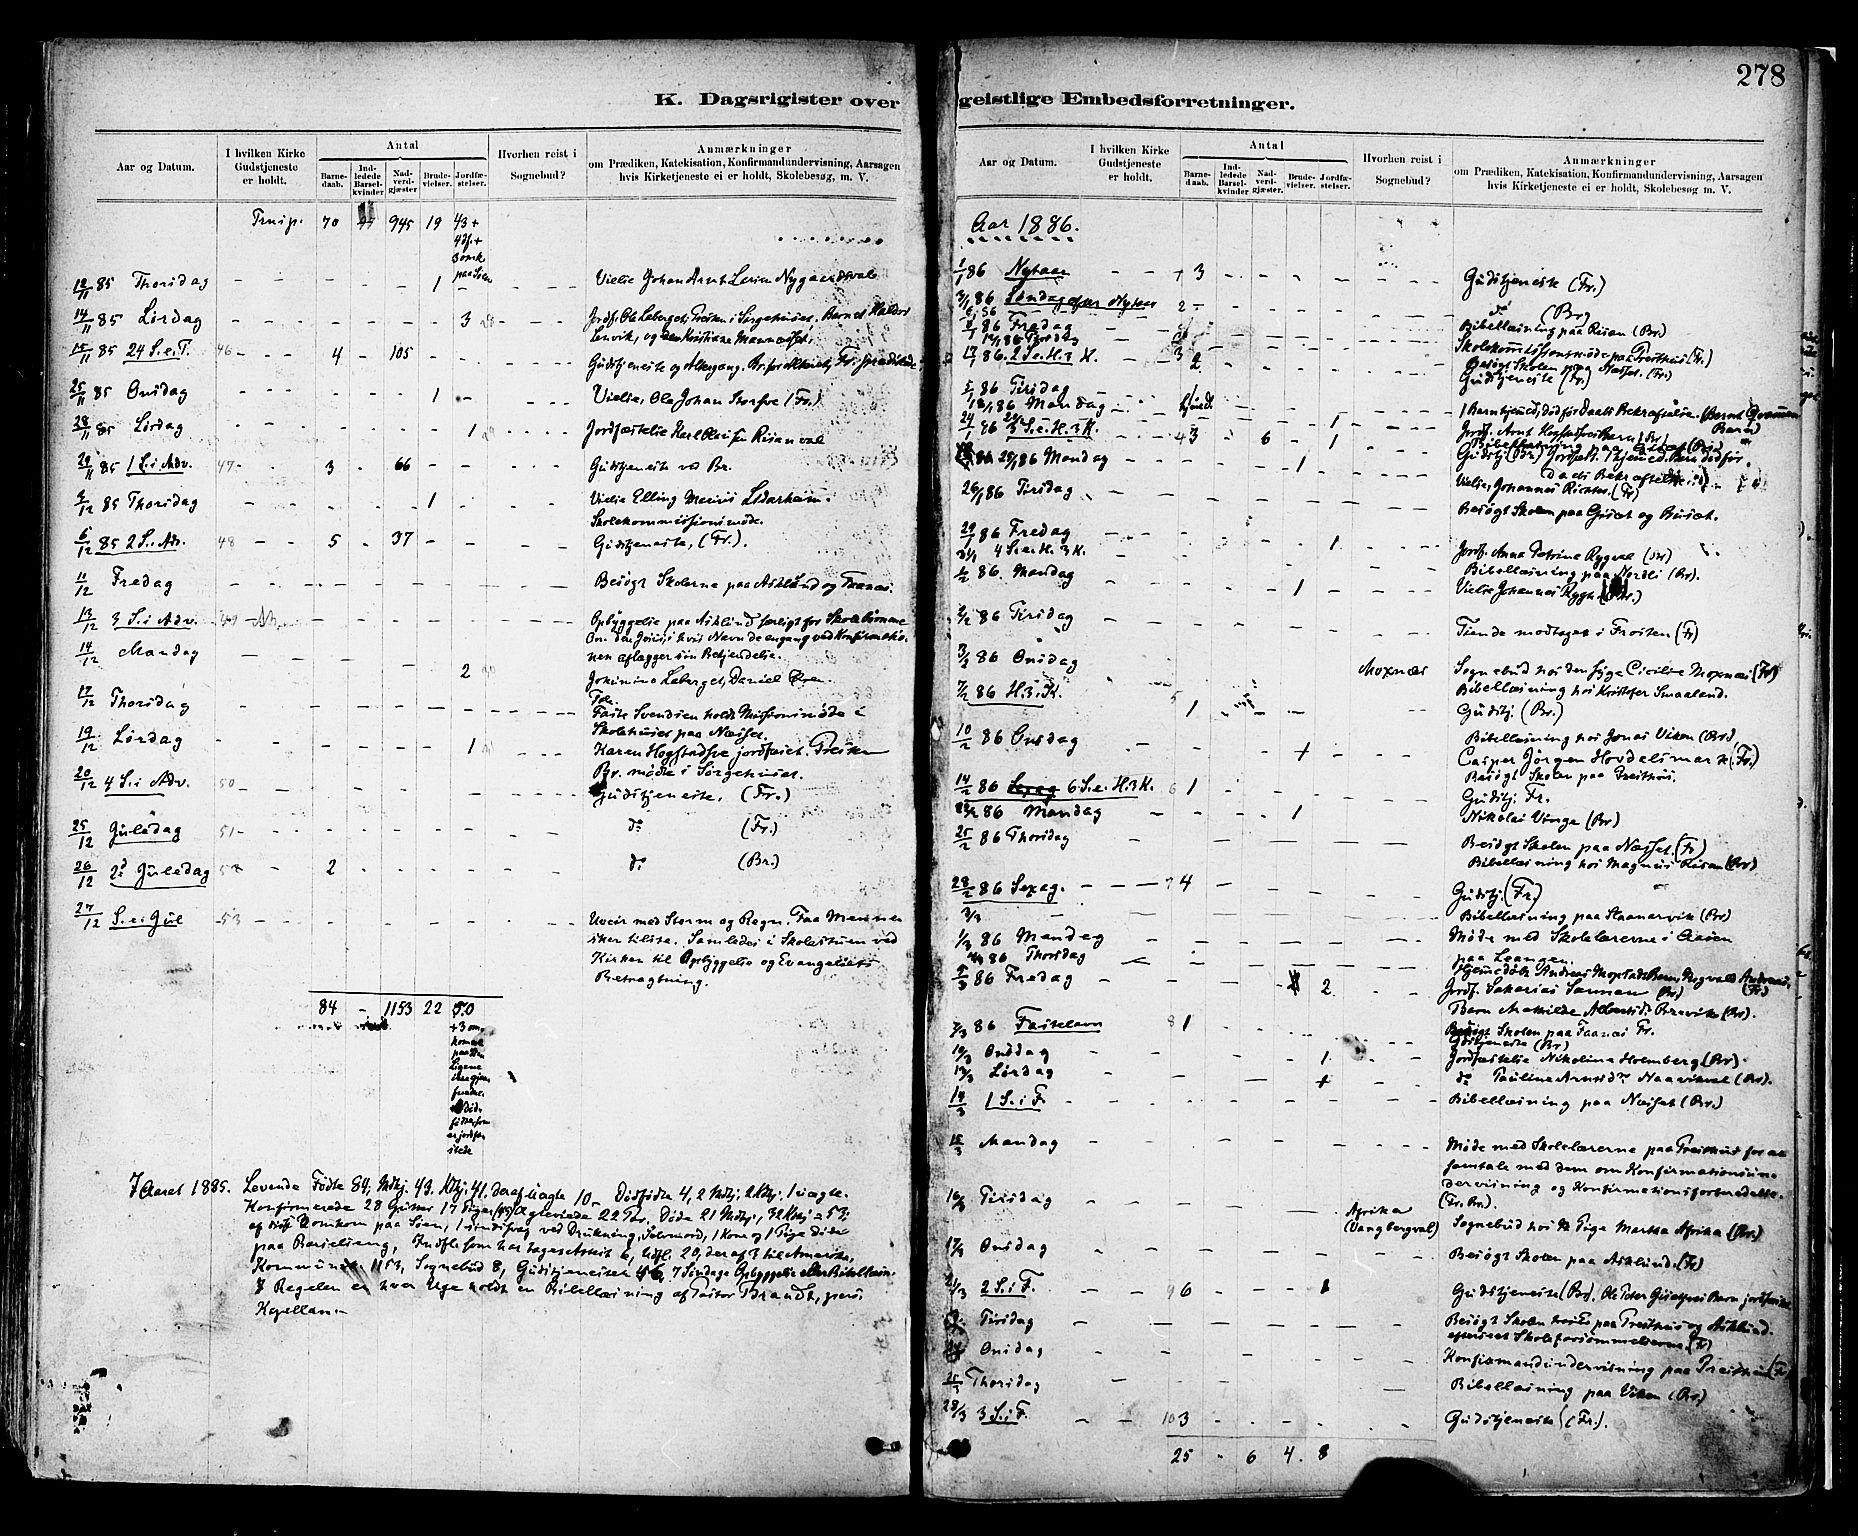 SAT, Ministerialprotokoller, klokkerbøker og fødselsregistre - Nord-Trøndelag, 713/L0120: Ministerialbok nr. 713A09, 1878-1887, s. 278